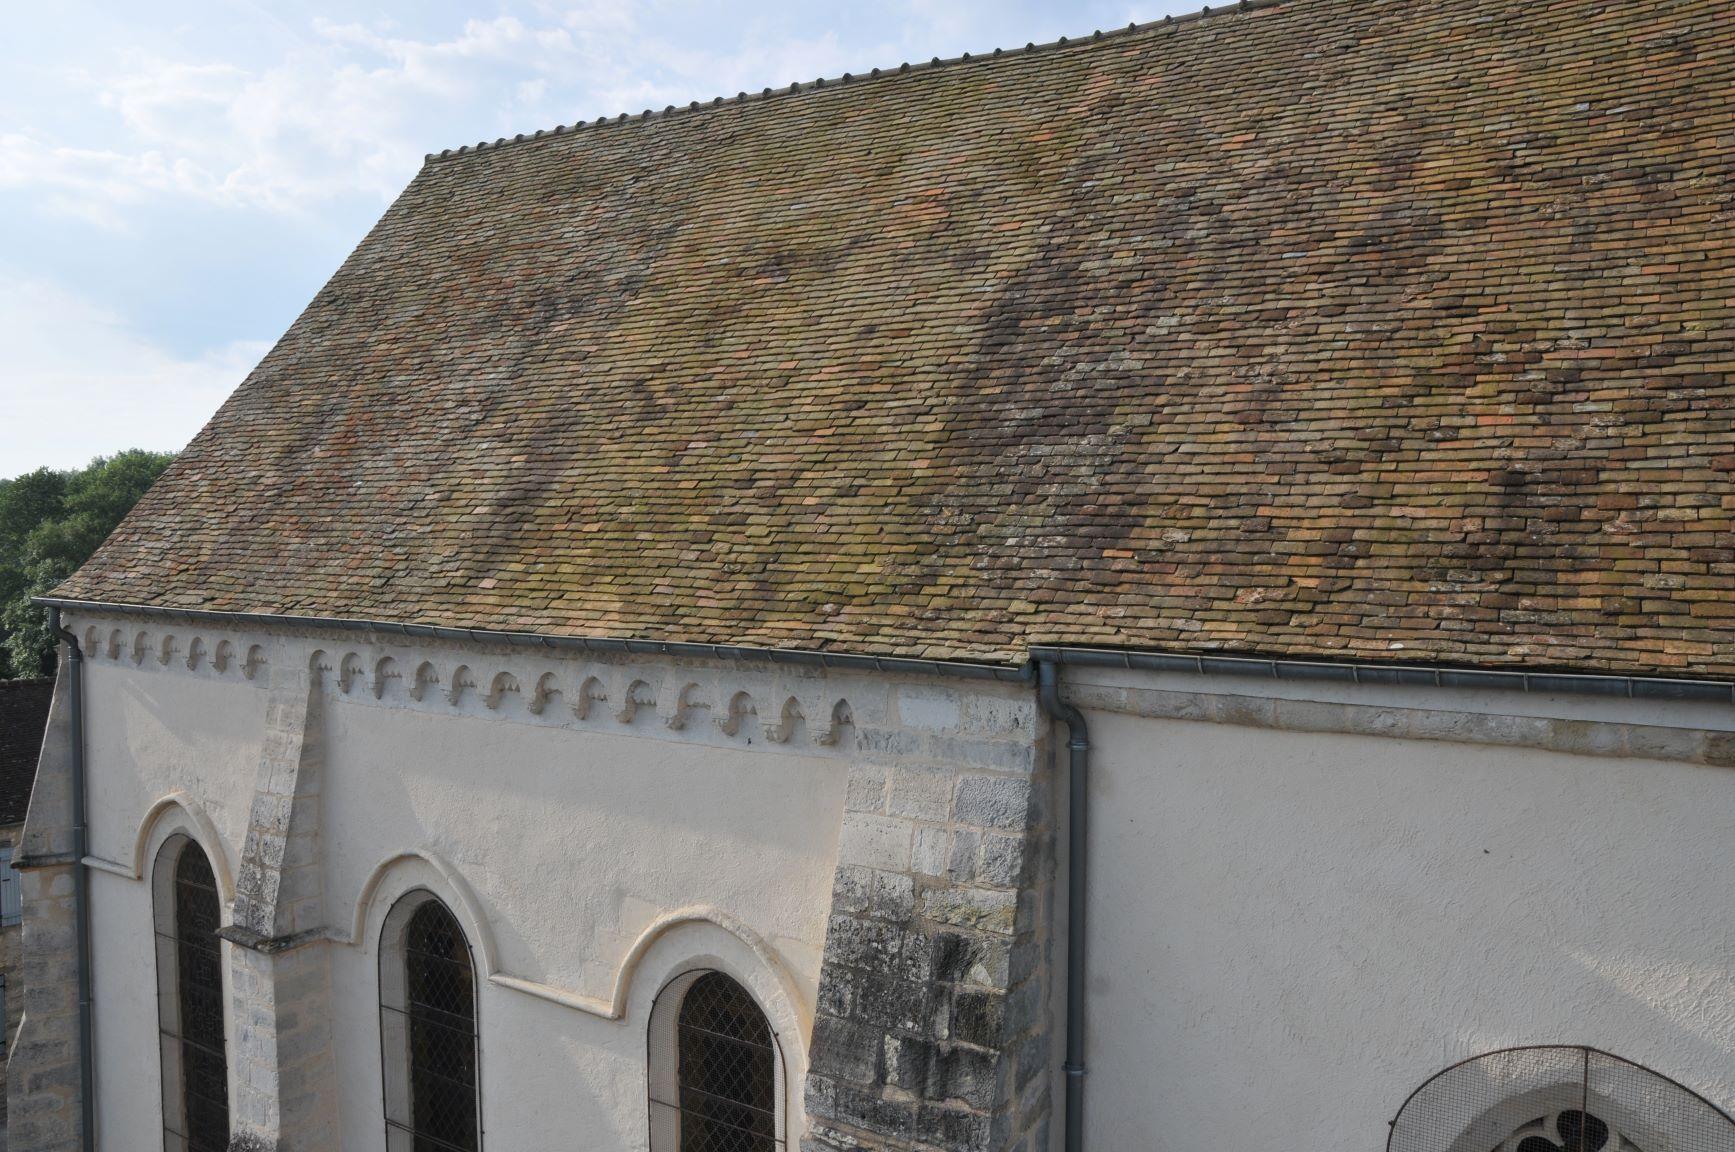 Eglise-JVA_6465-Toit-cote-modillons-TTB